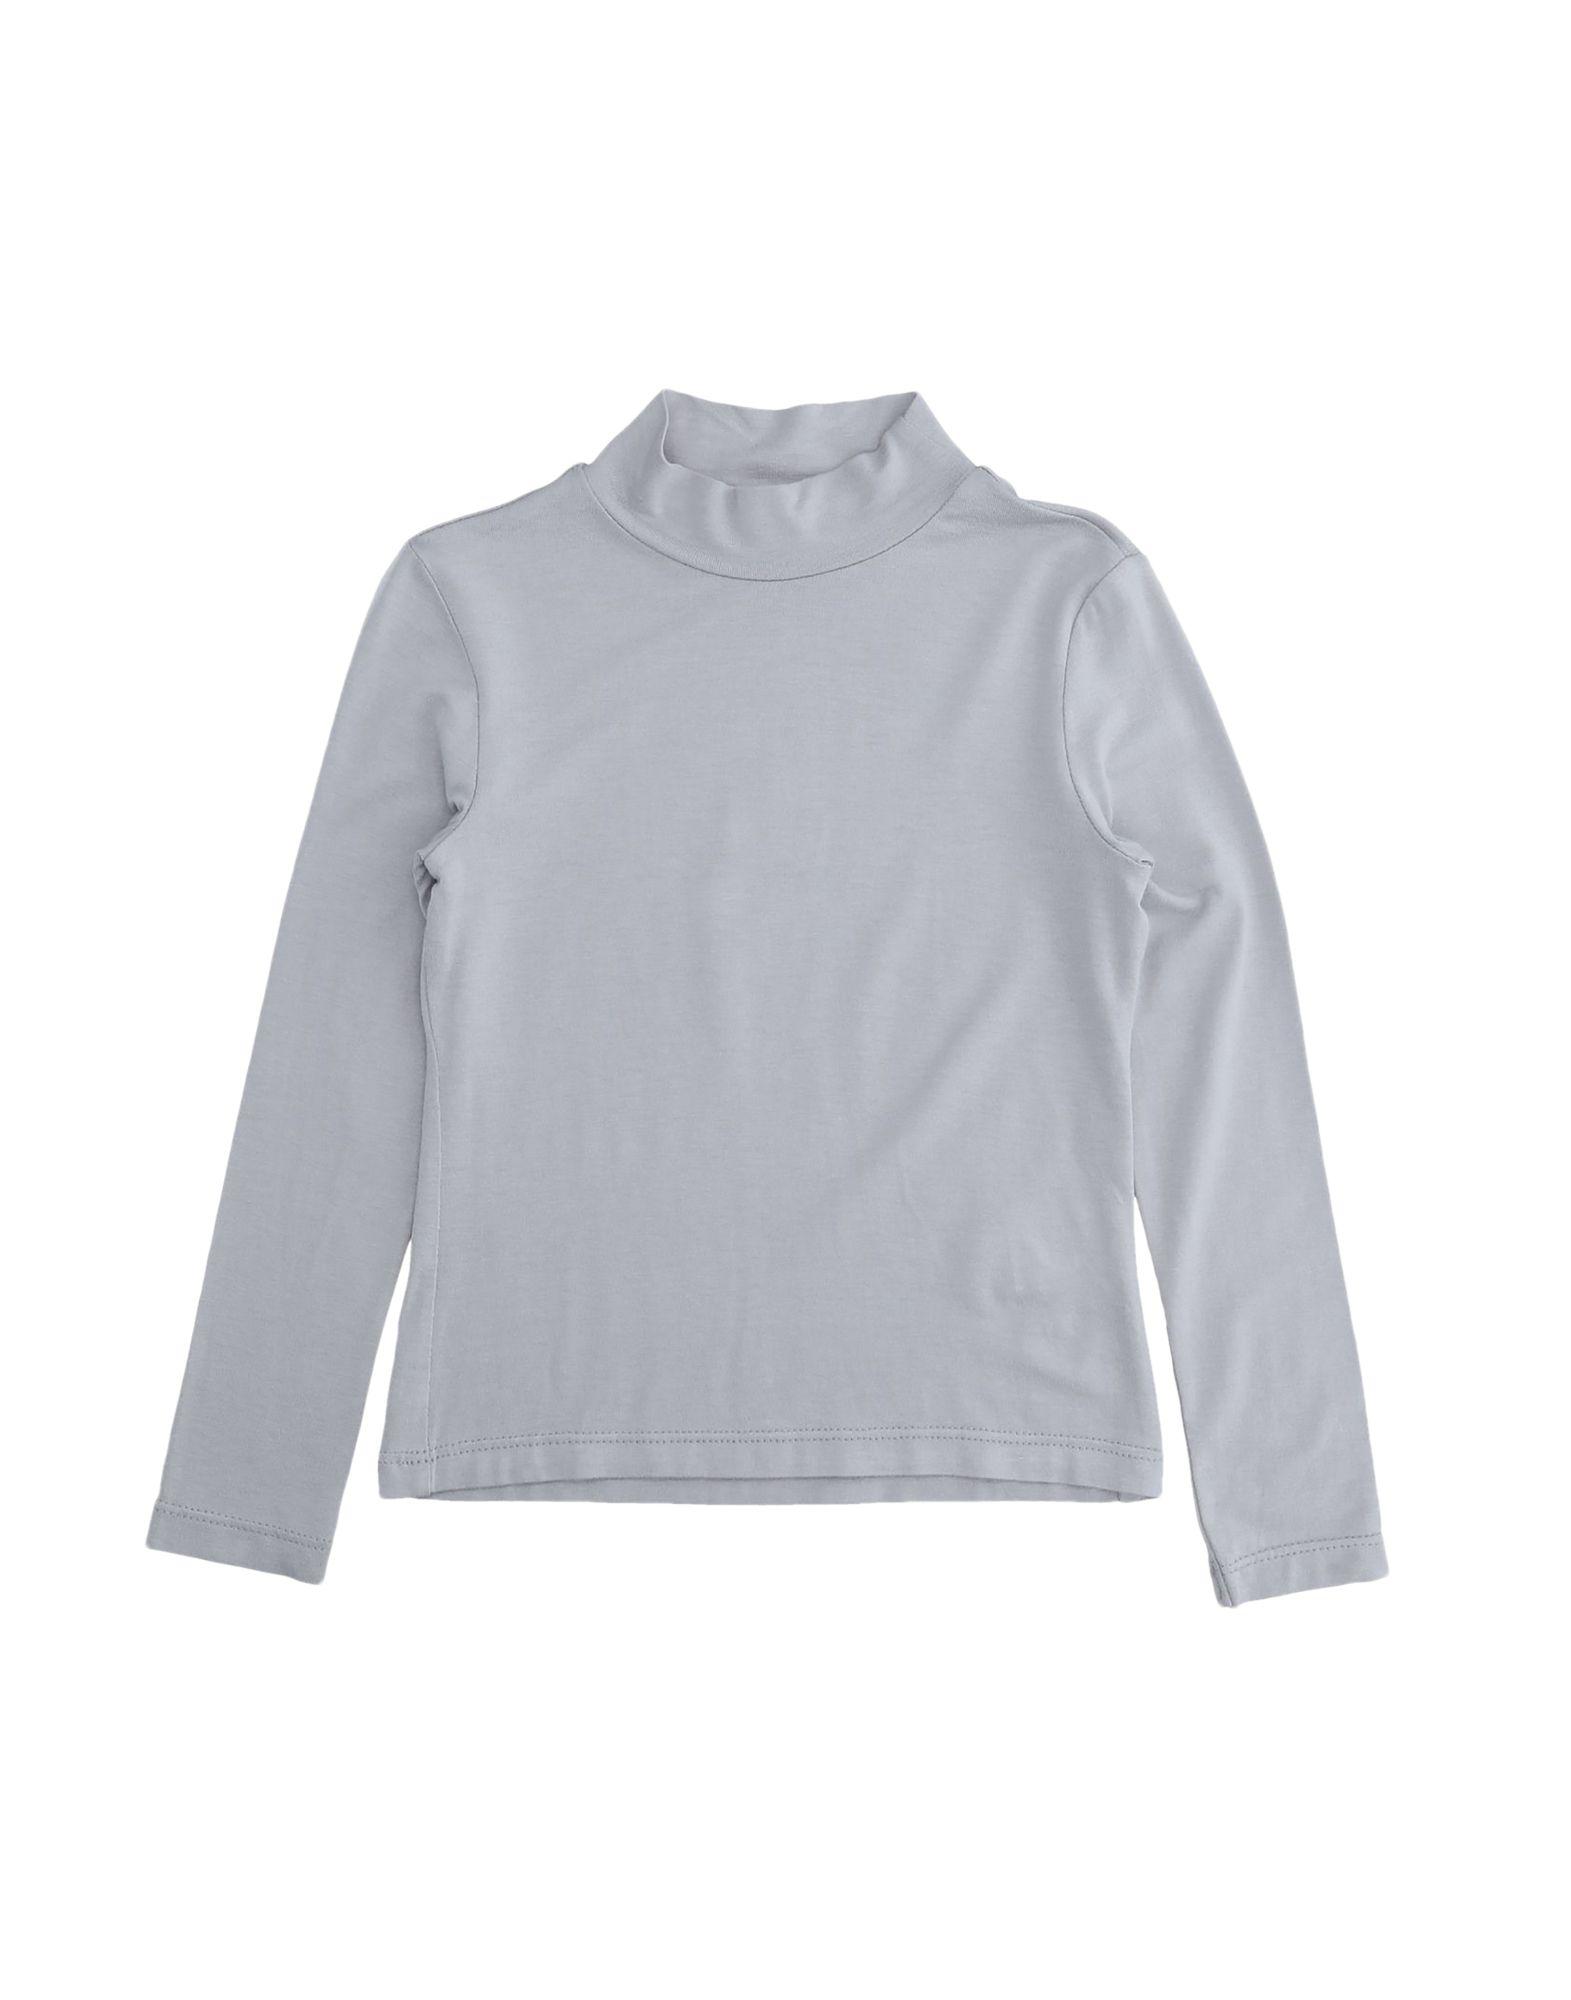 Alice Pi. Kids' T-shirts In Gray